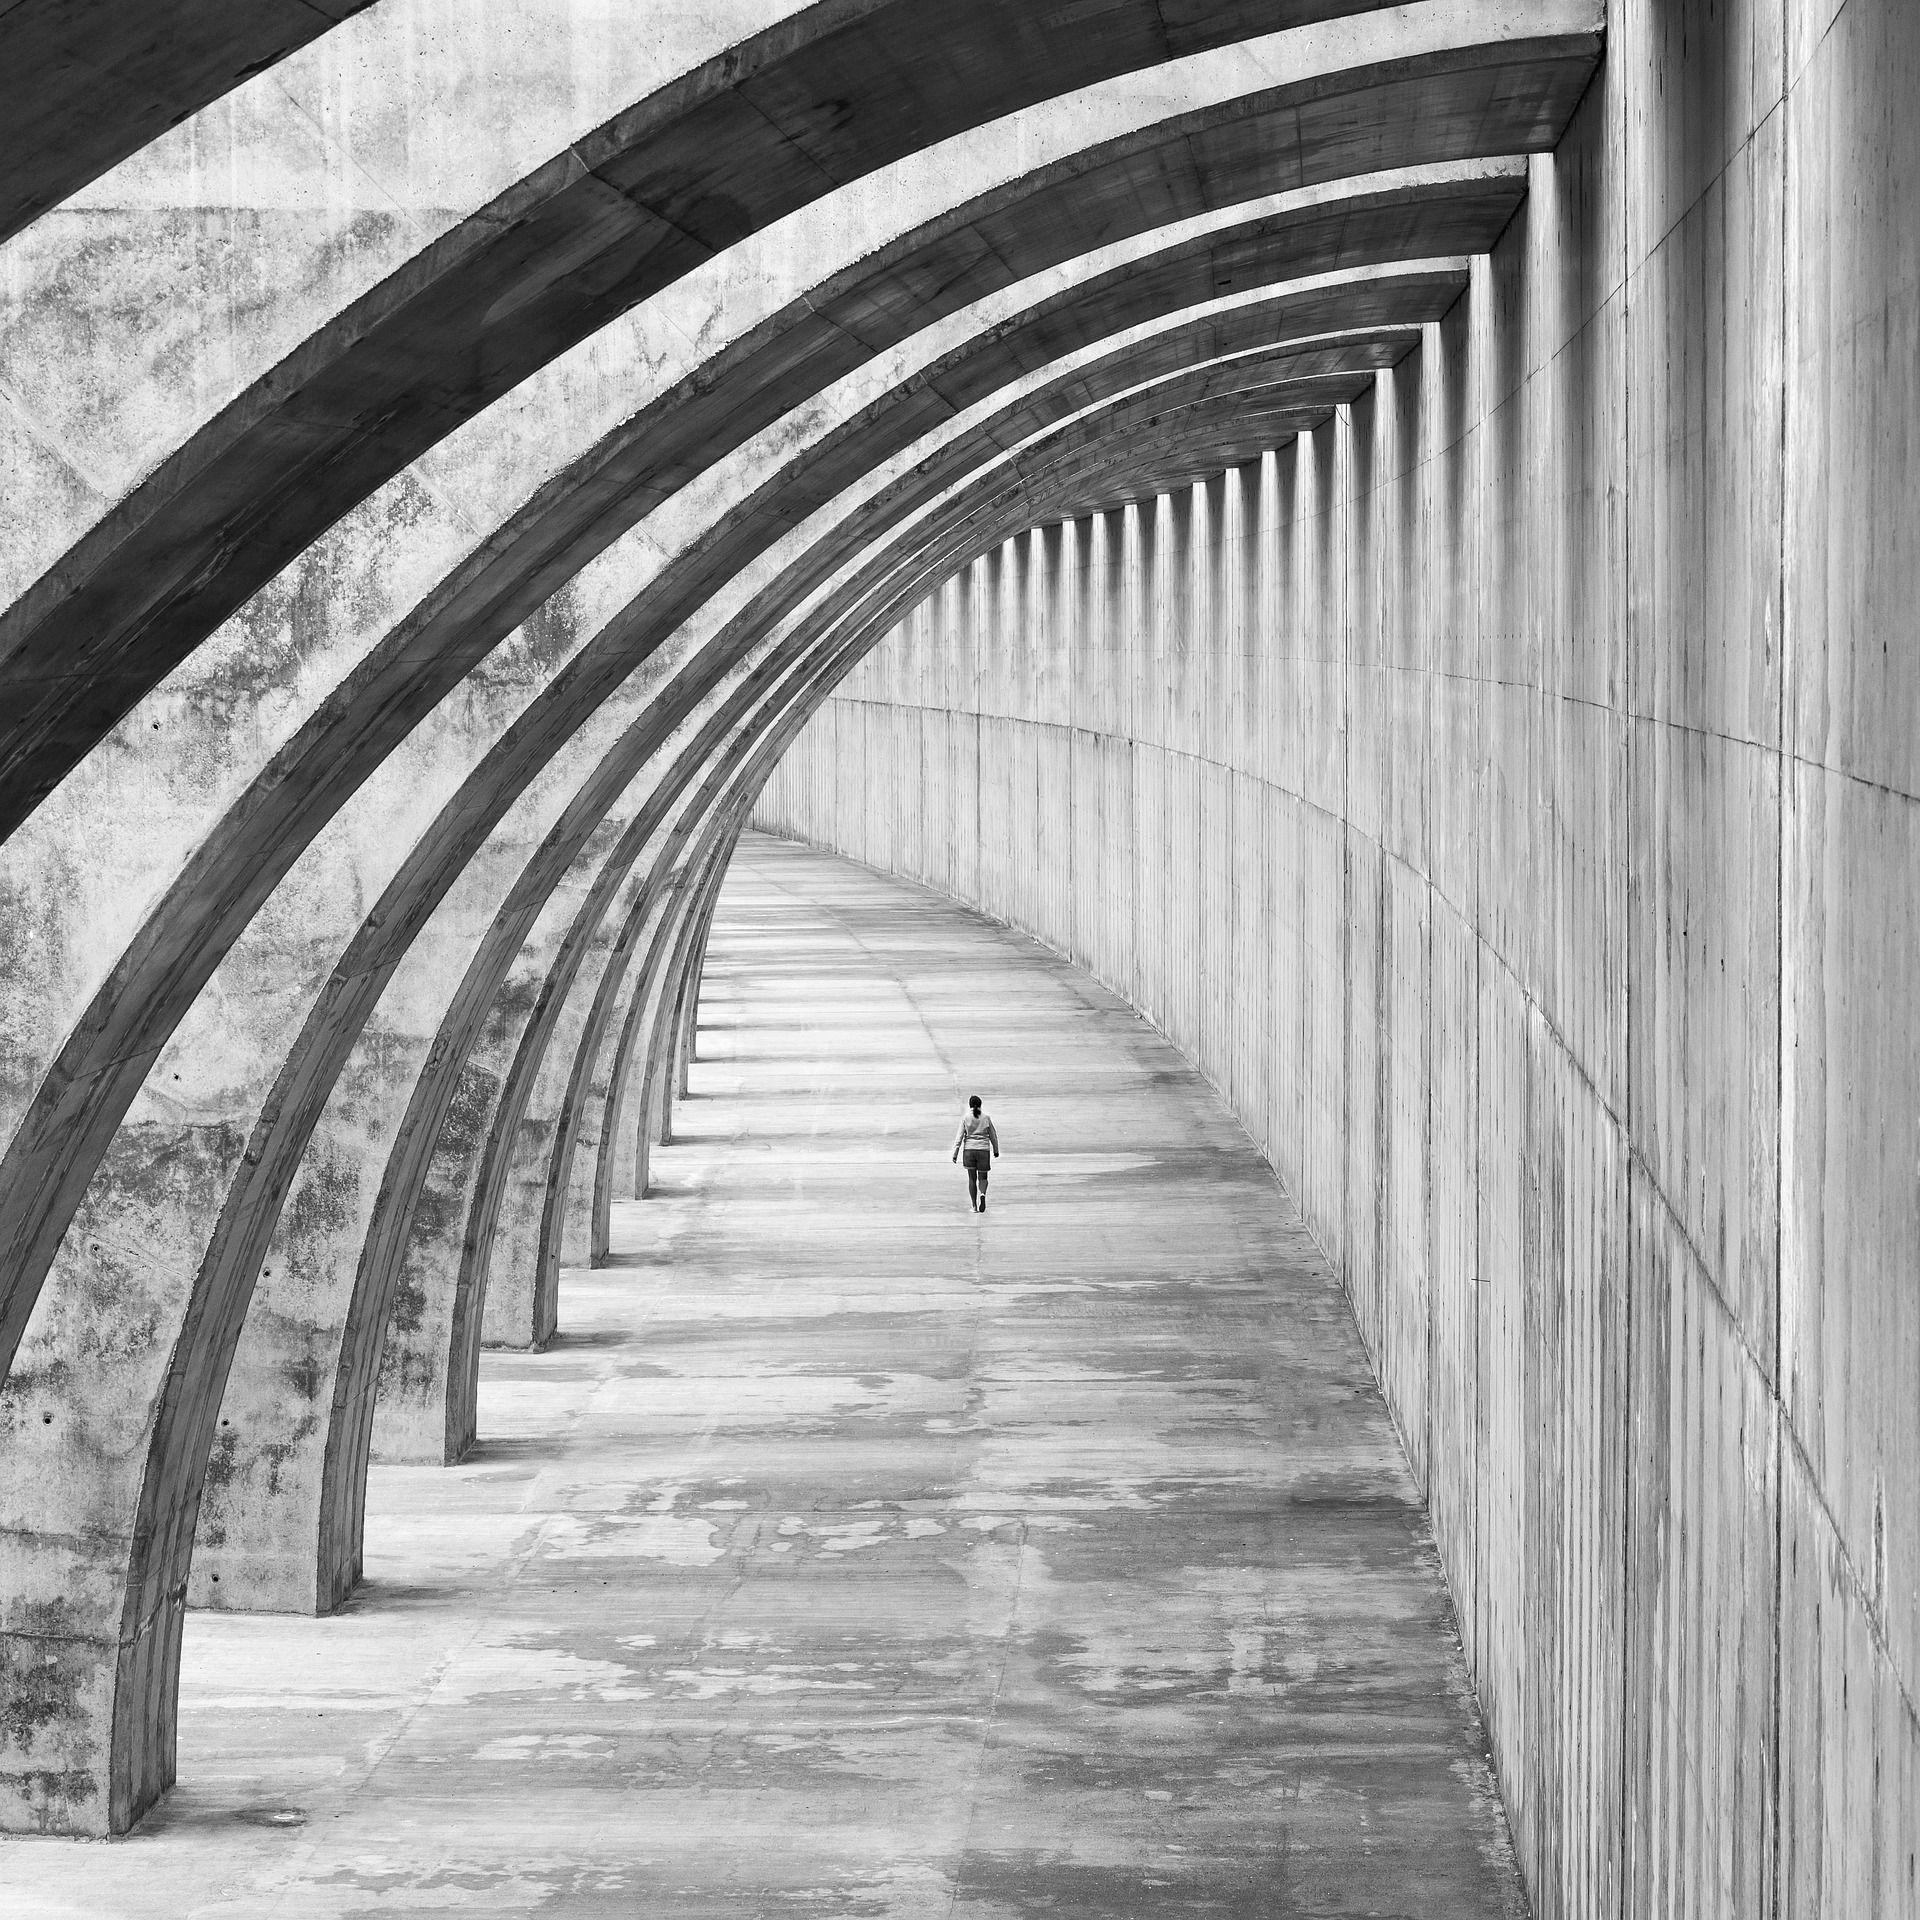 Podivné architektonické experimenty nebo vznešené monumenty? Utopický brutalismus patří mezi nejpozoruhodnější stavební styly